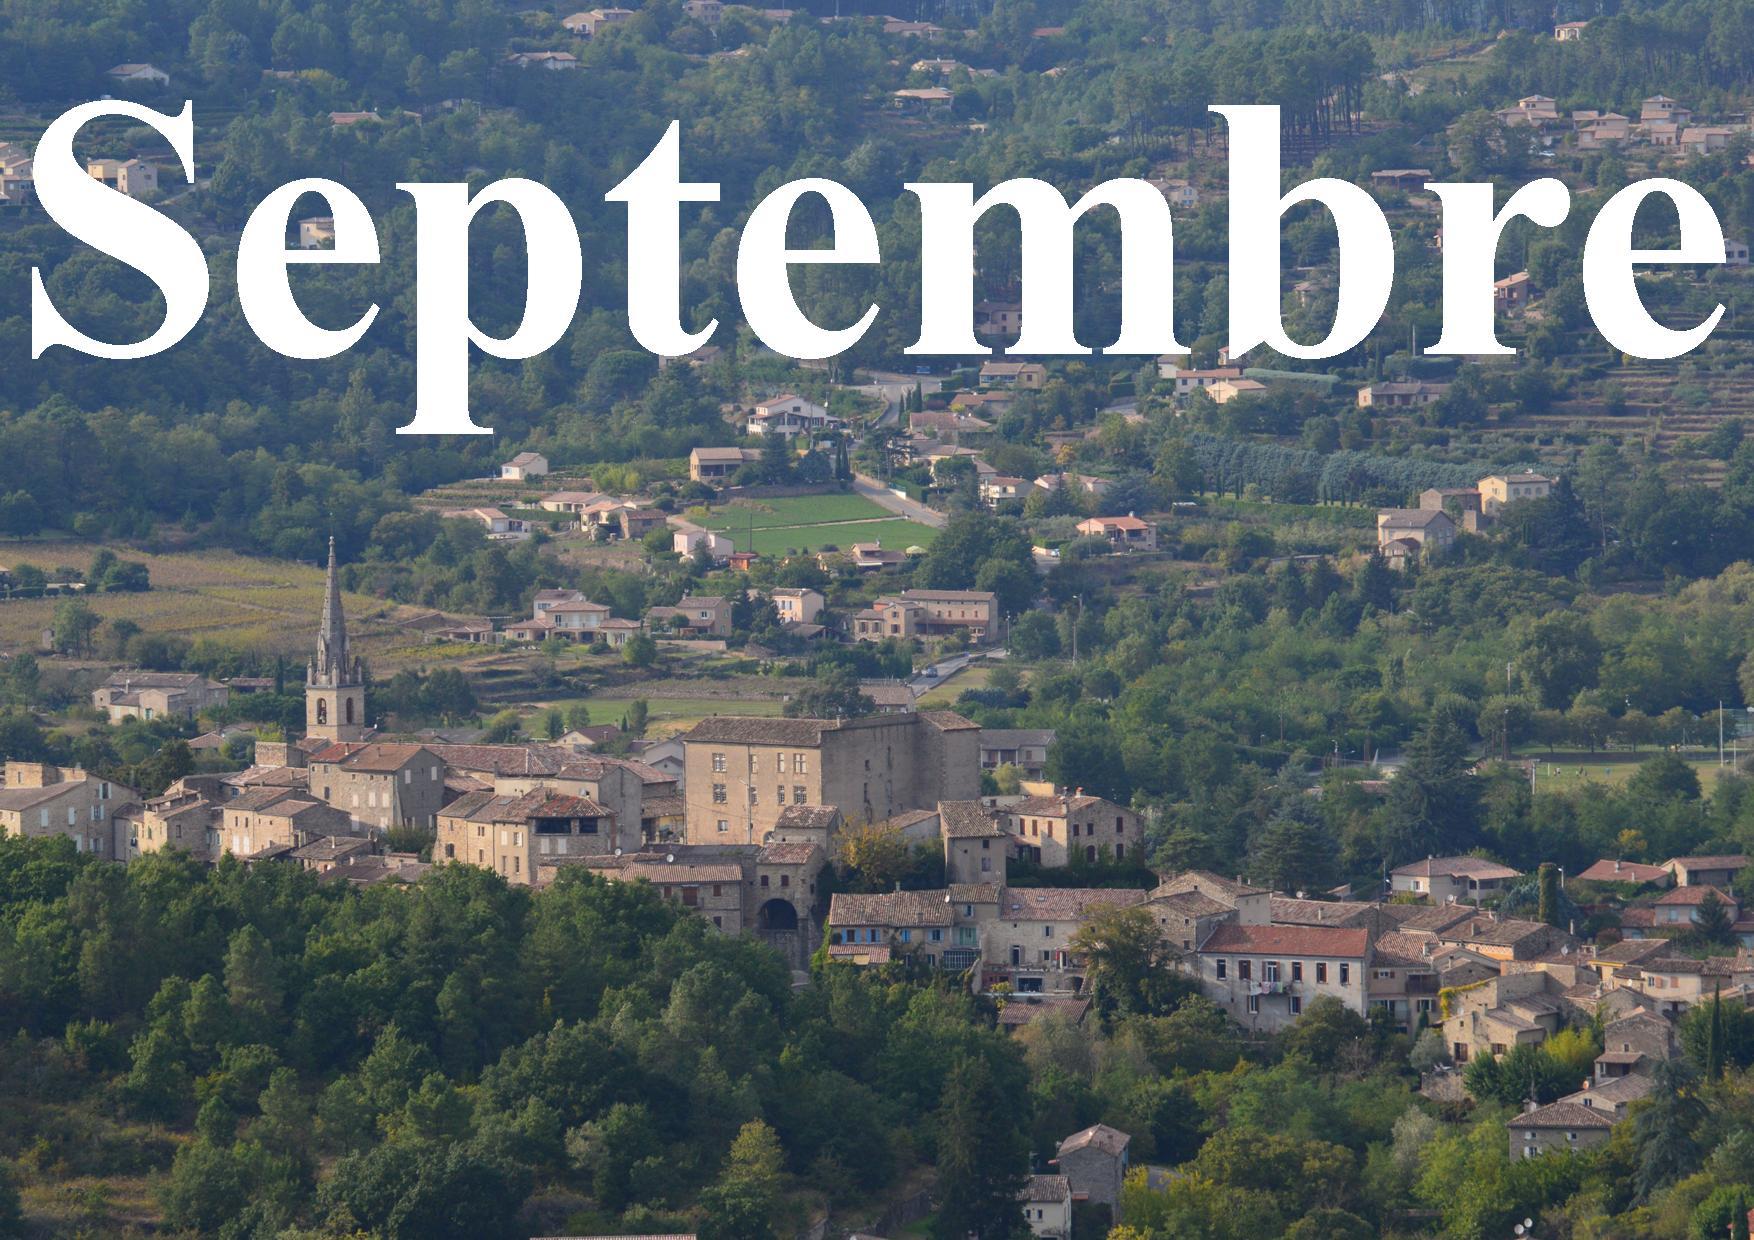 Septembre site